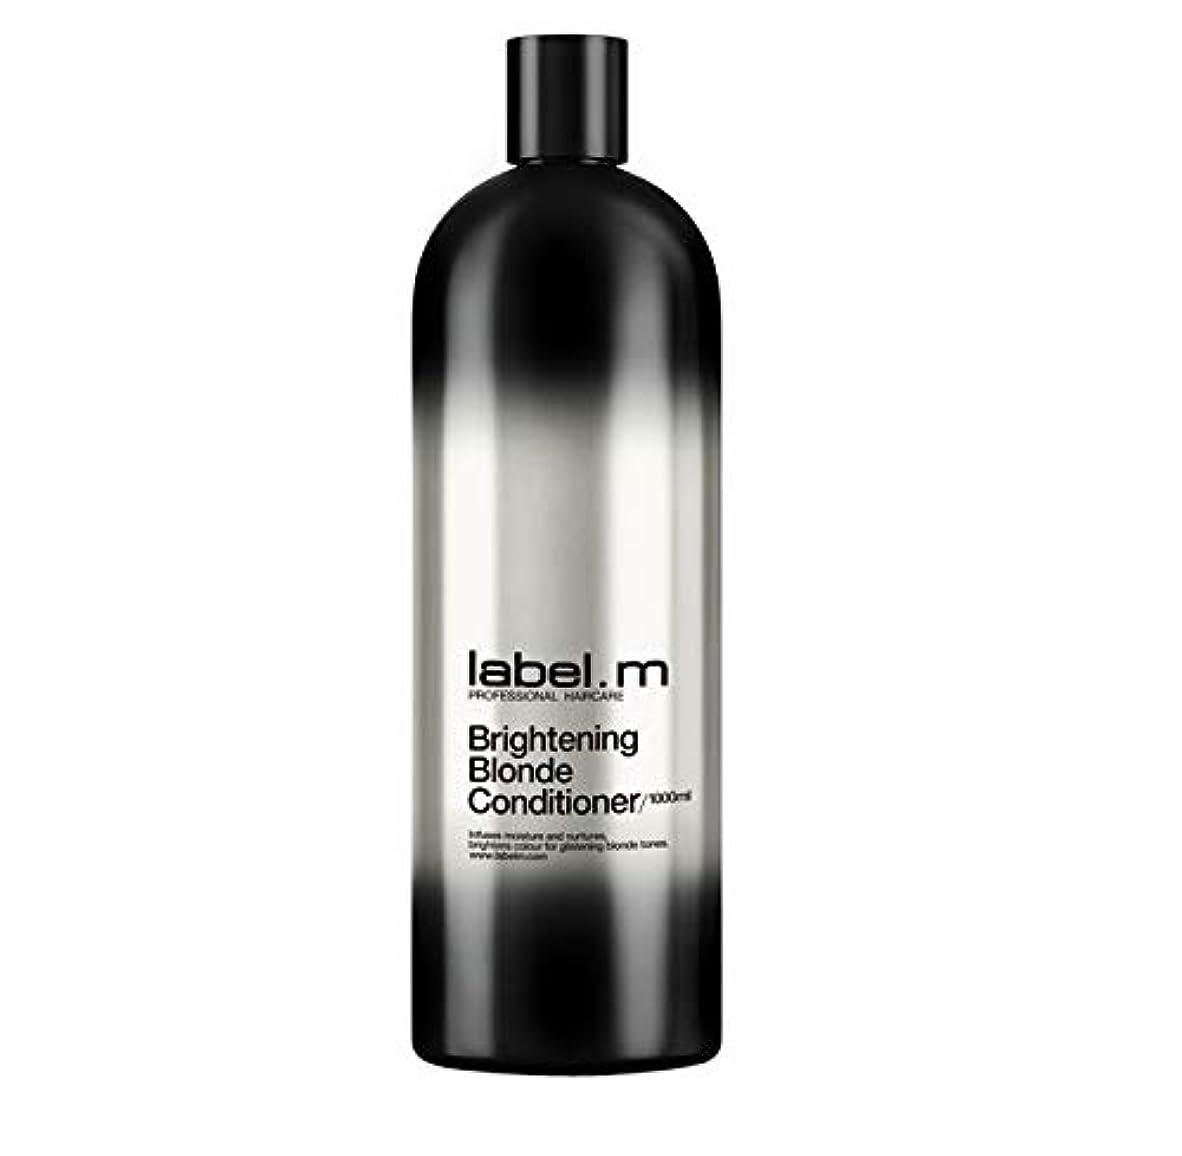 布センサー敏感なレーベルエム ブライトニングブロンド コンディショナー (髪に潤いと栄養を与えて明るく輝くブロンドヘアに) 1000ml/33.8oz